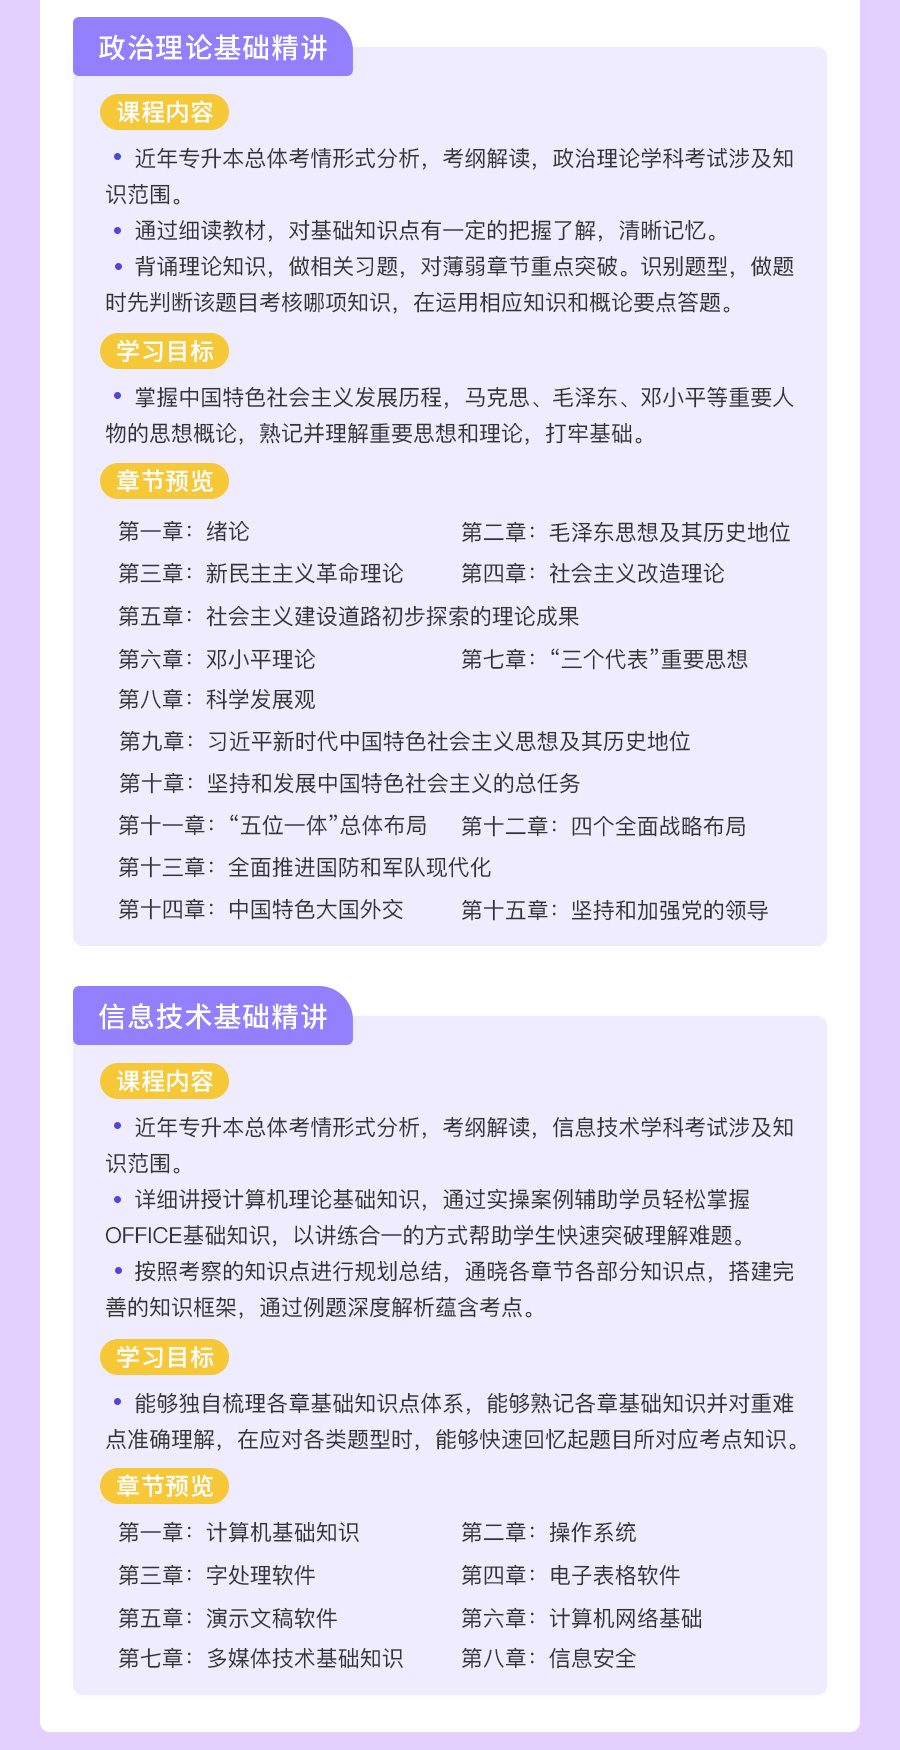 江西-全科-英语+高等数学+政治理论+信息技术_03.jpg